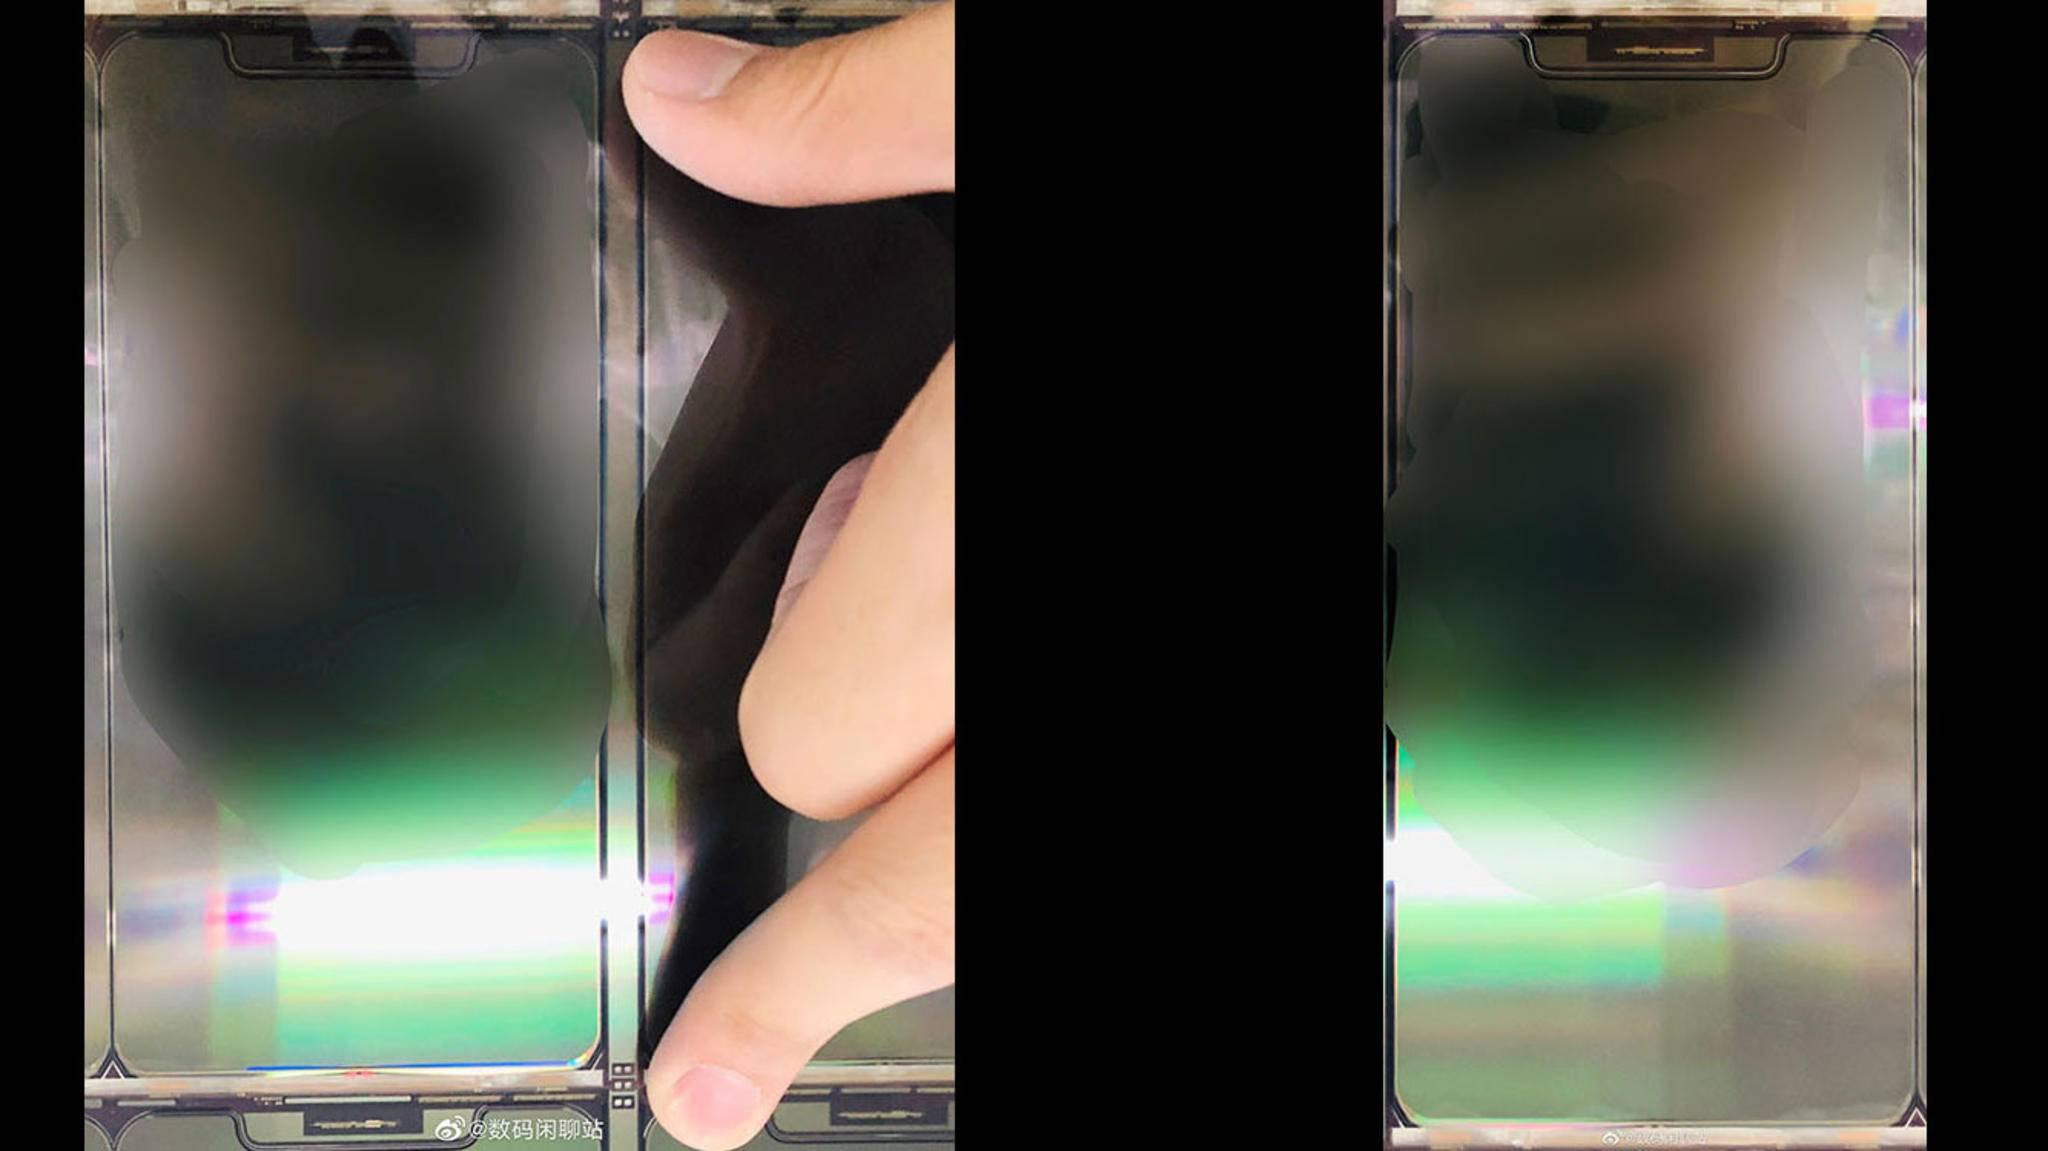 Zeigt dieses Bild tatsächlich den Screen für das iPhone 12?